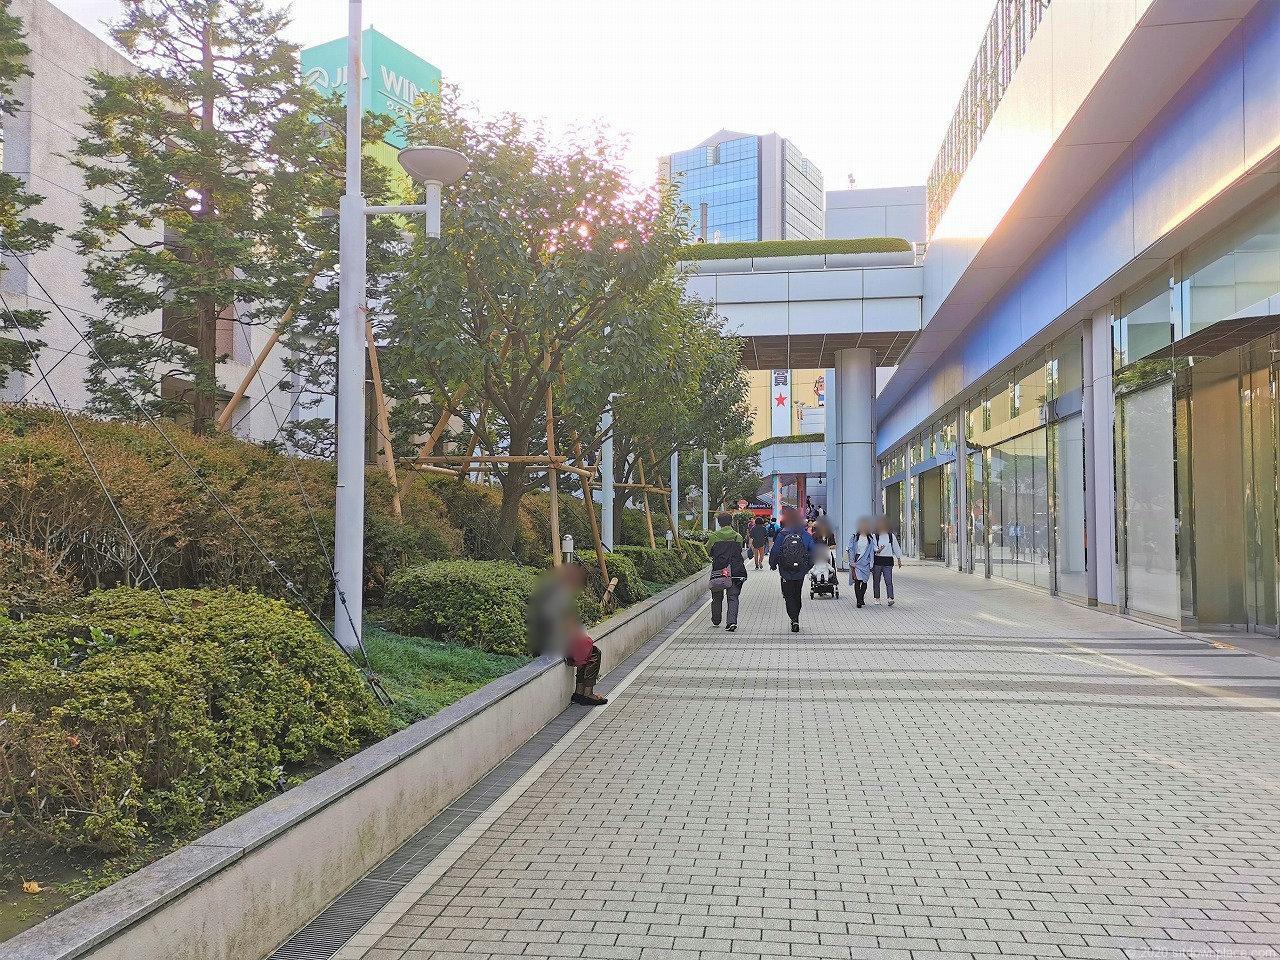 水道橋駅 東京ドームシティ プリズムホール前の休憩場所